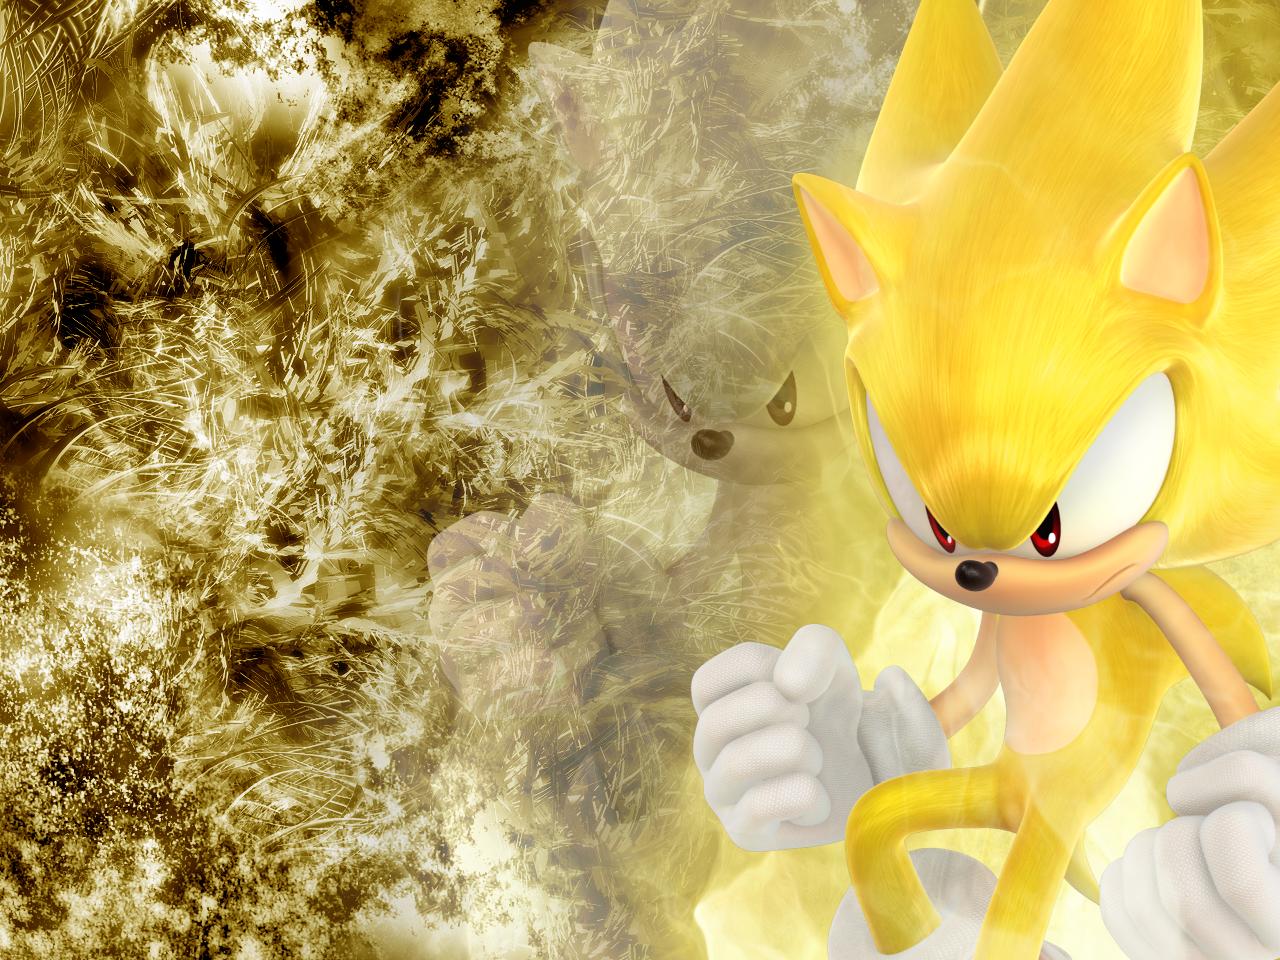 Super Sonic Wallpaper By NoNamepje